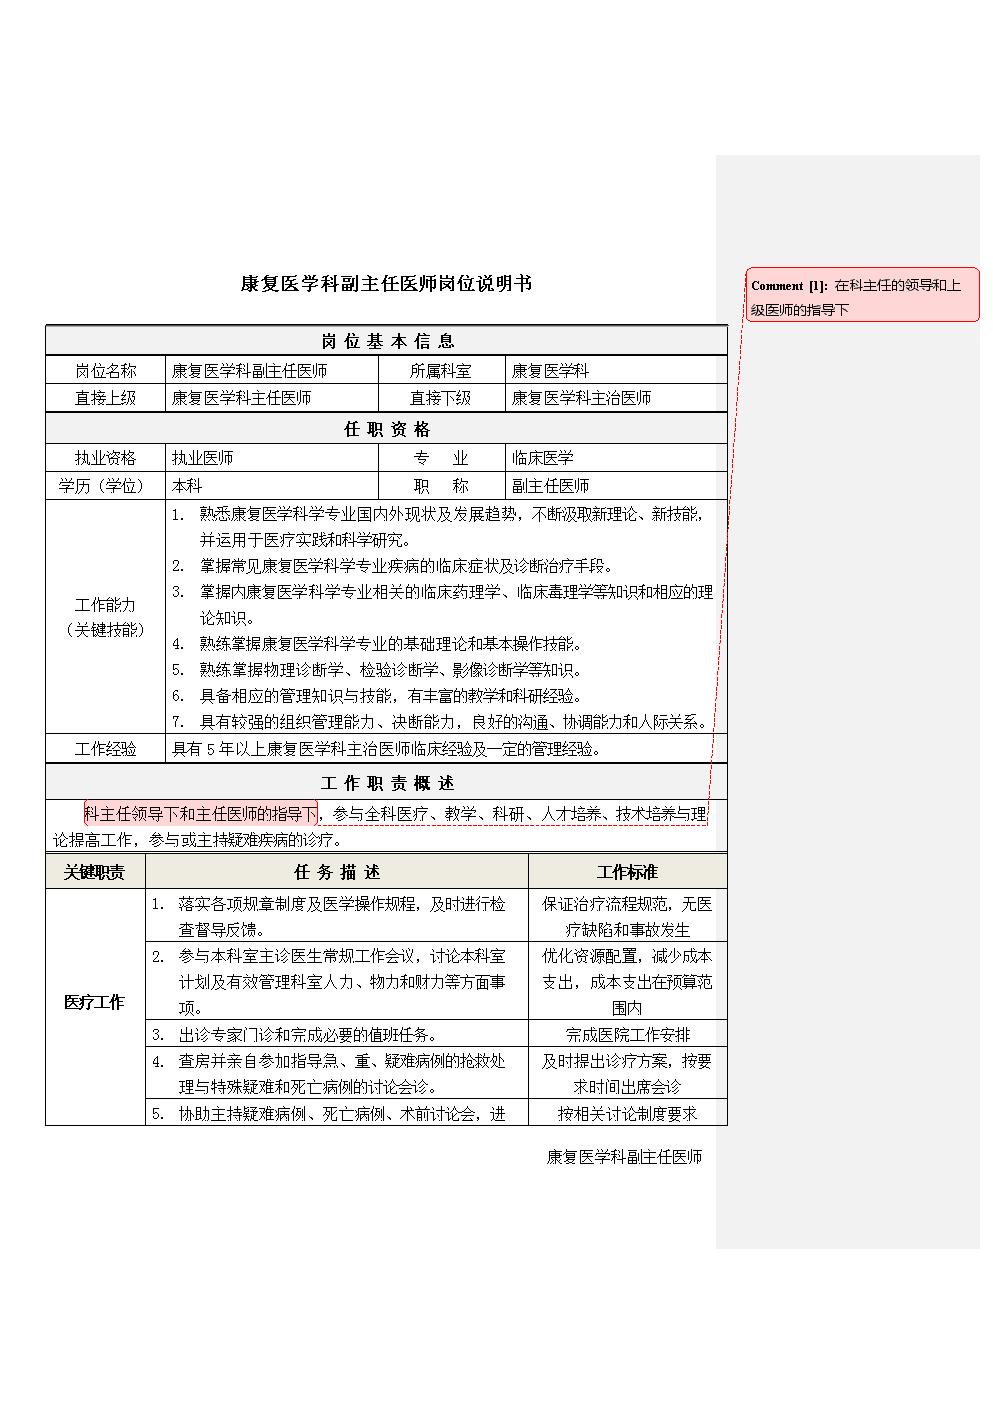 3康复医学科副主任医师岗位说明书.docx